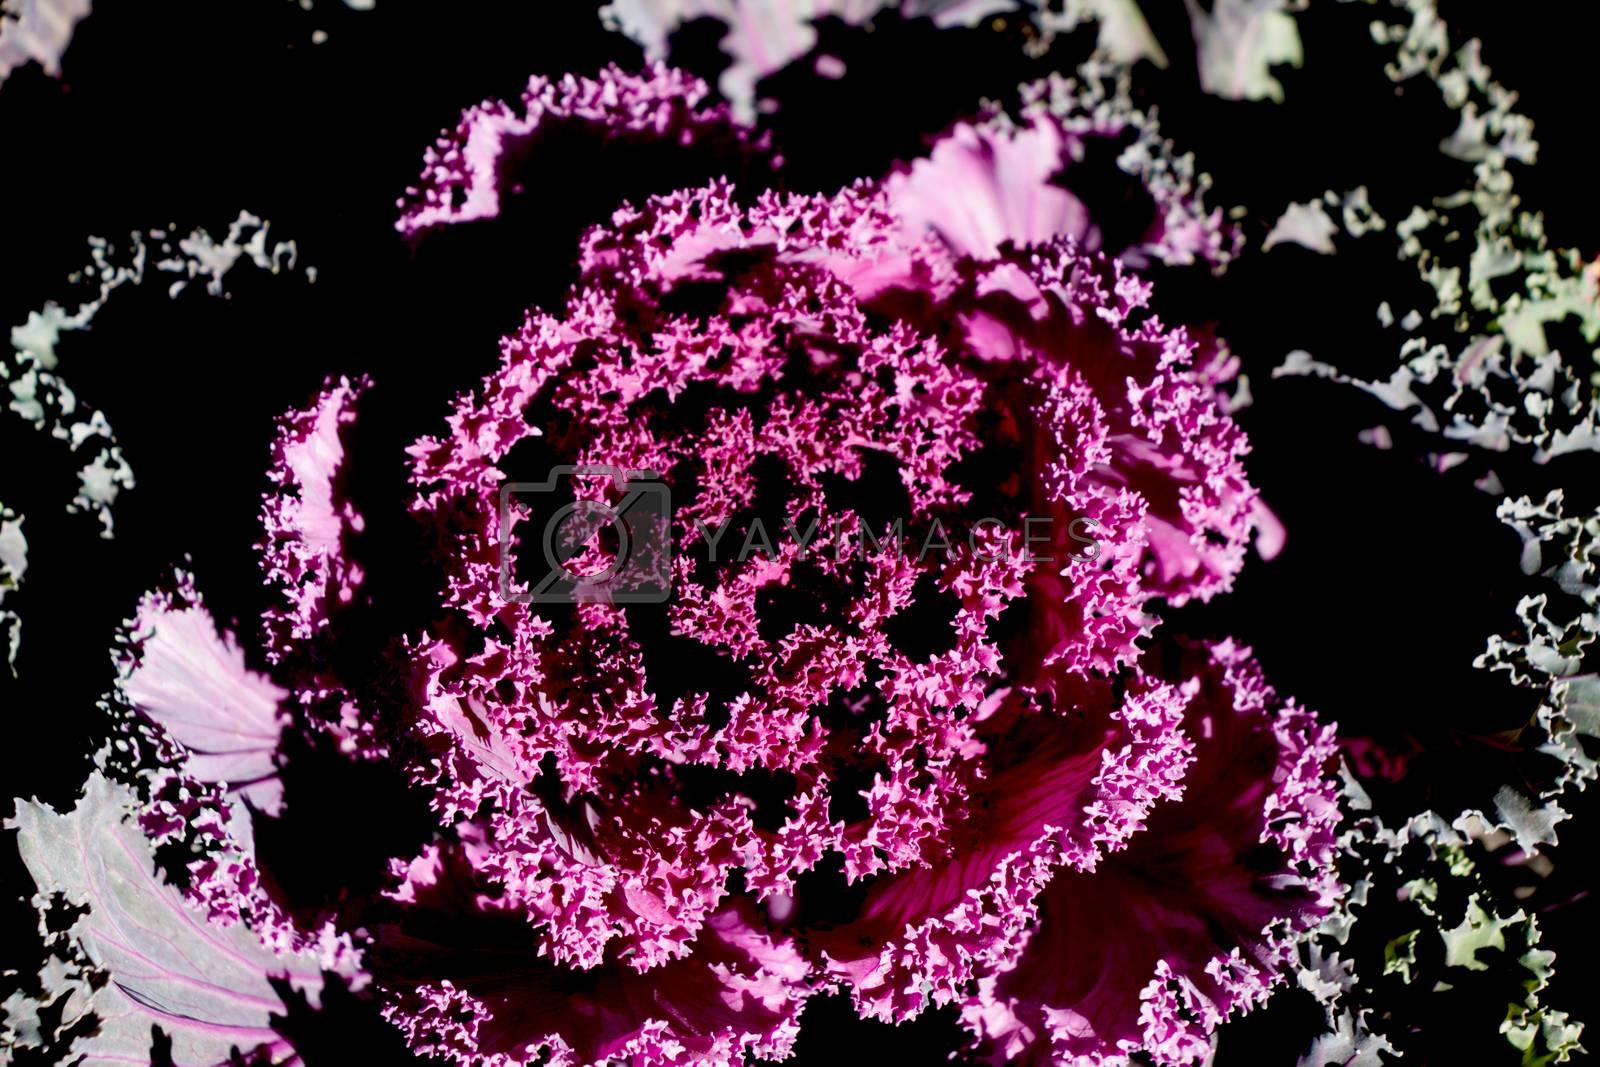 Beautiful Pink lettuce flower by berkay